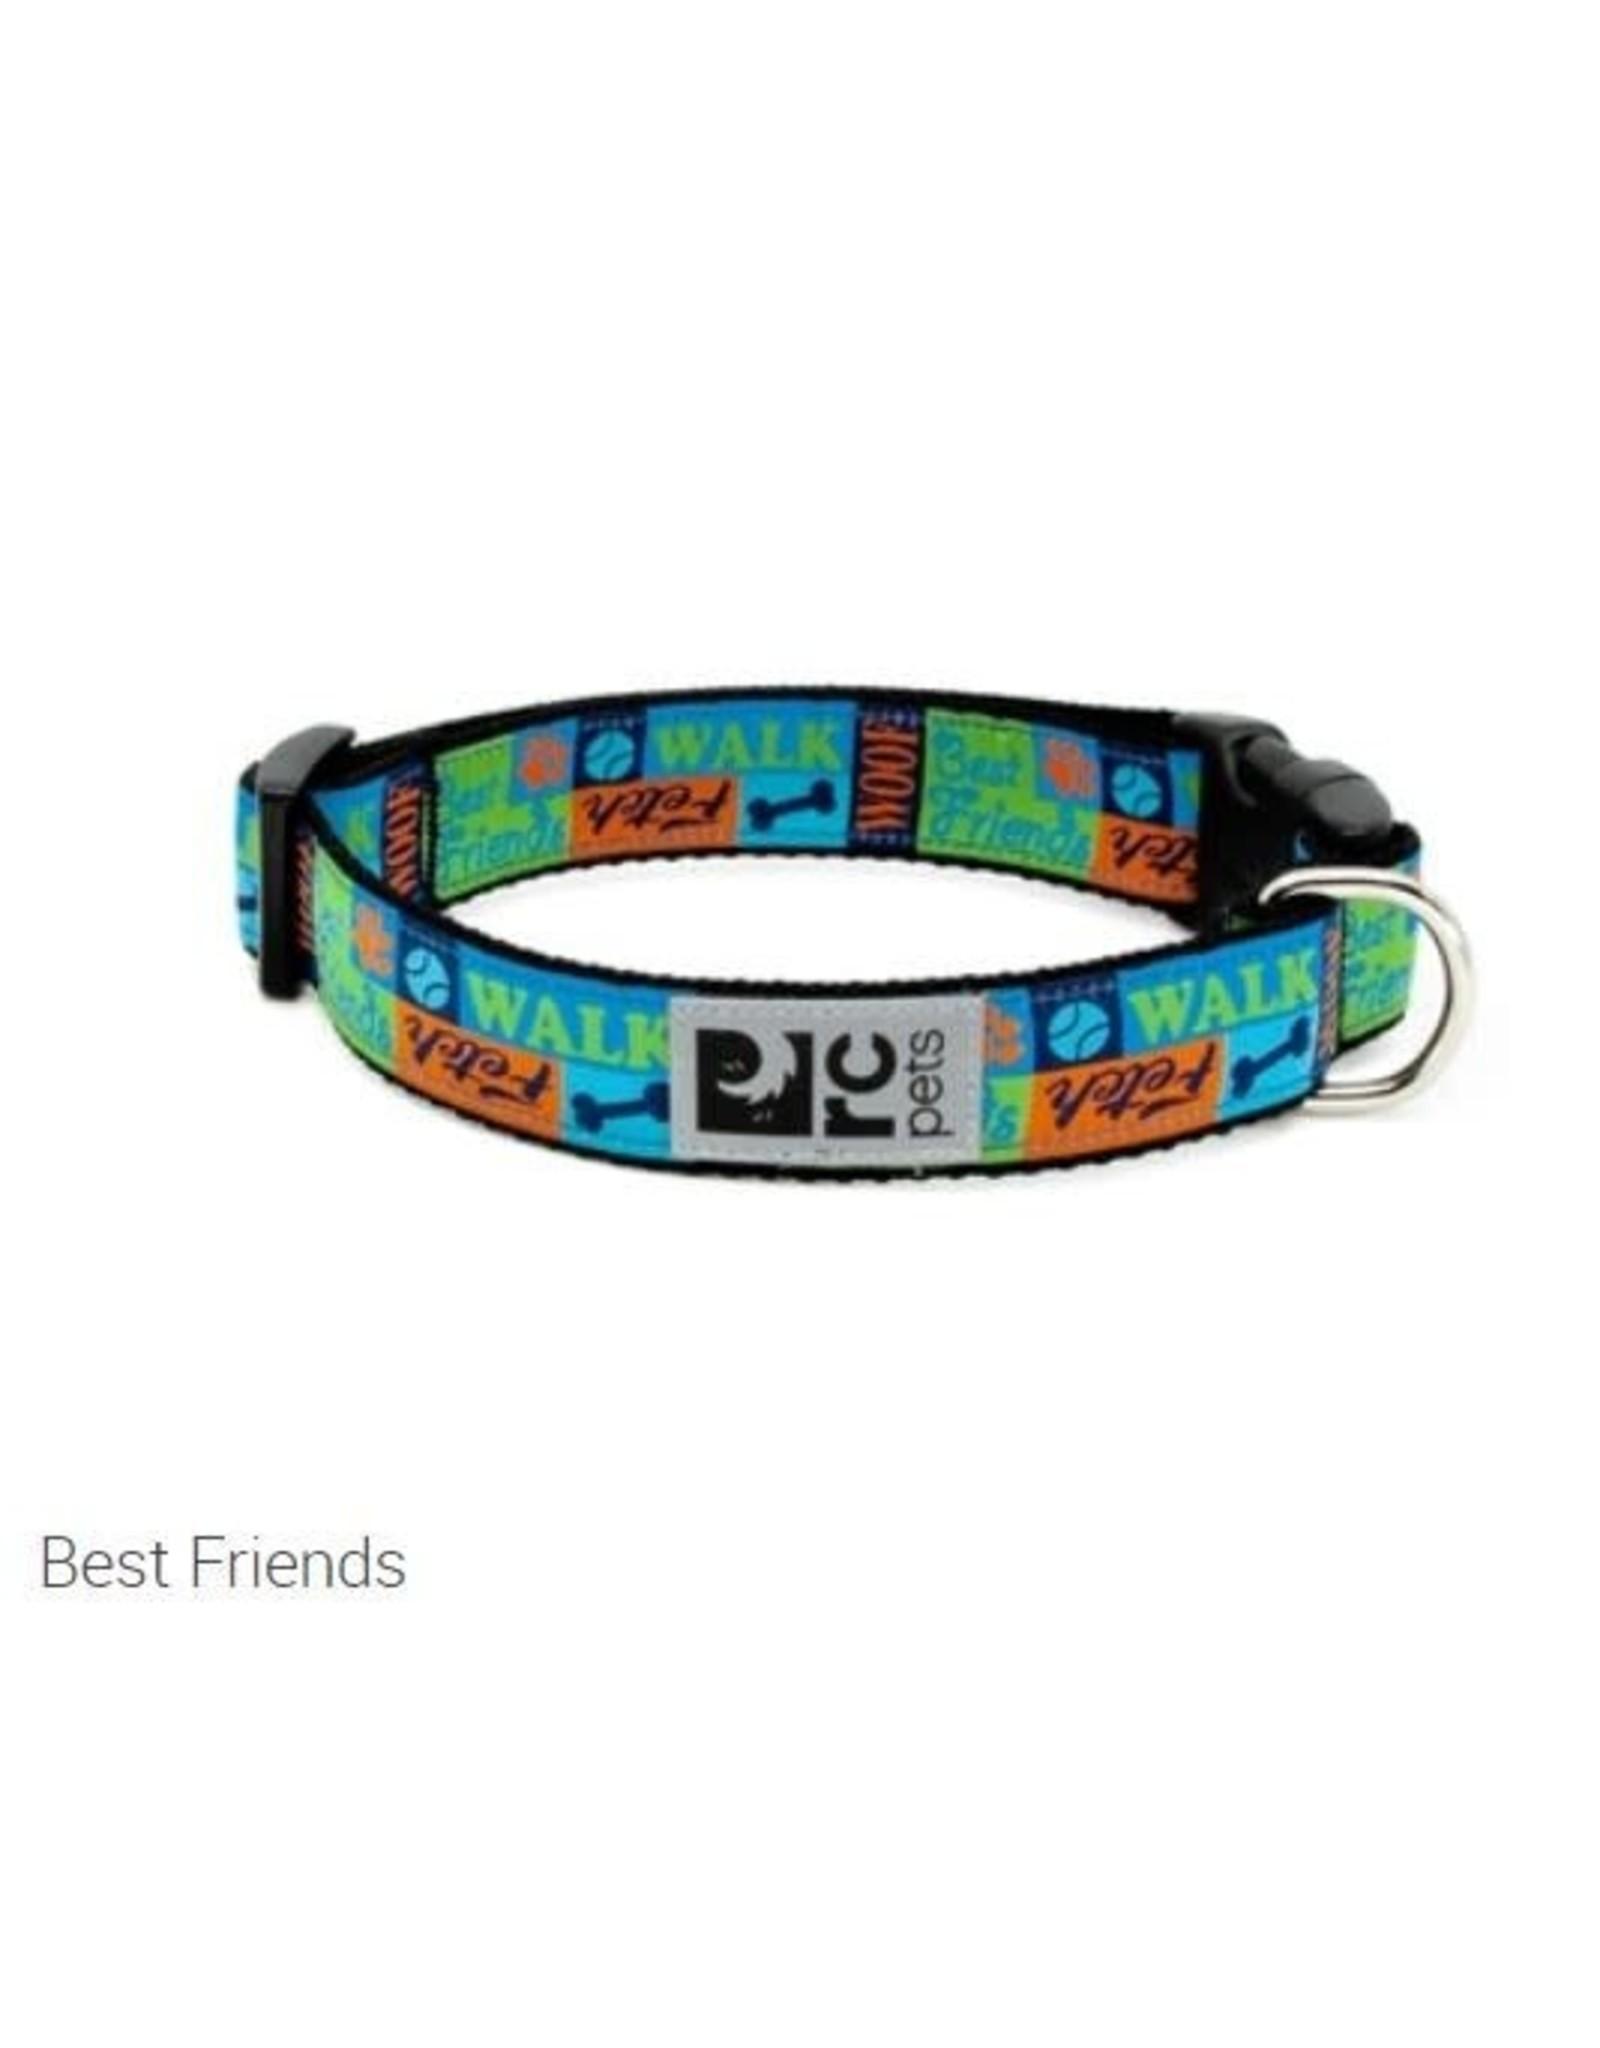 RC Pets Clip Collar - Best Friends